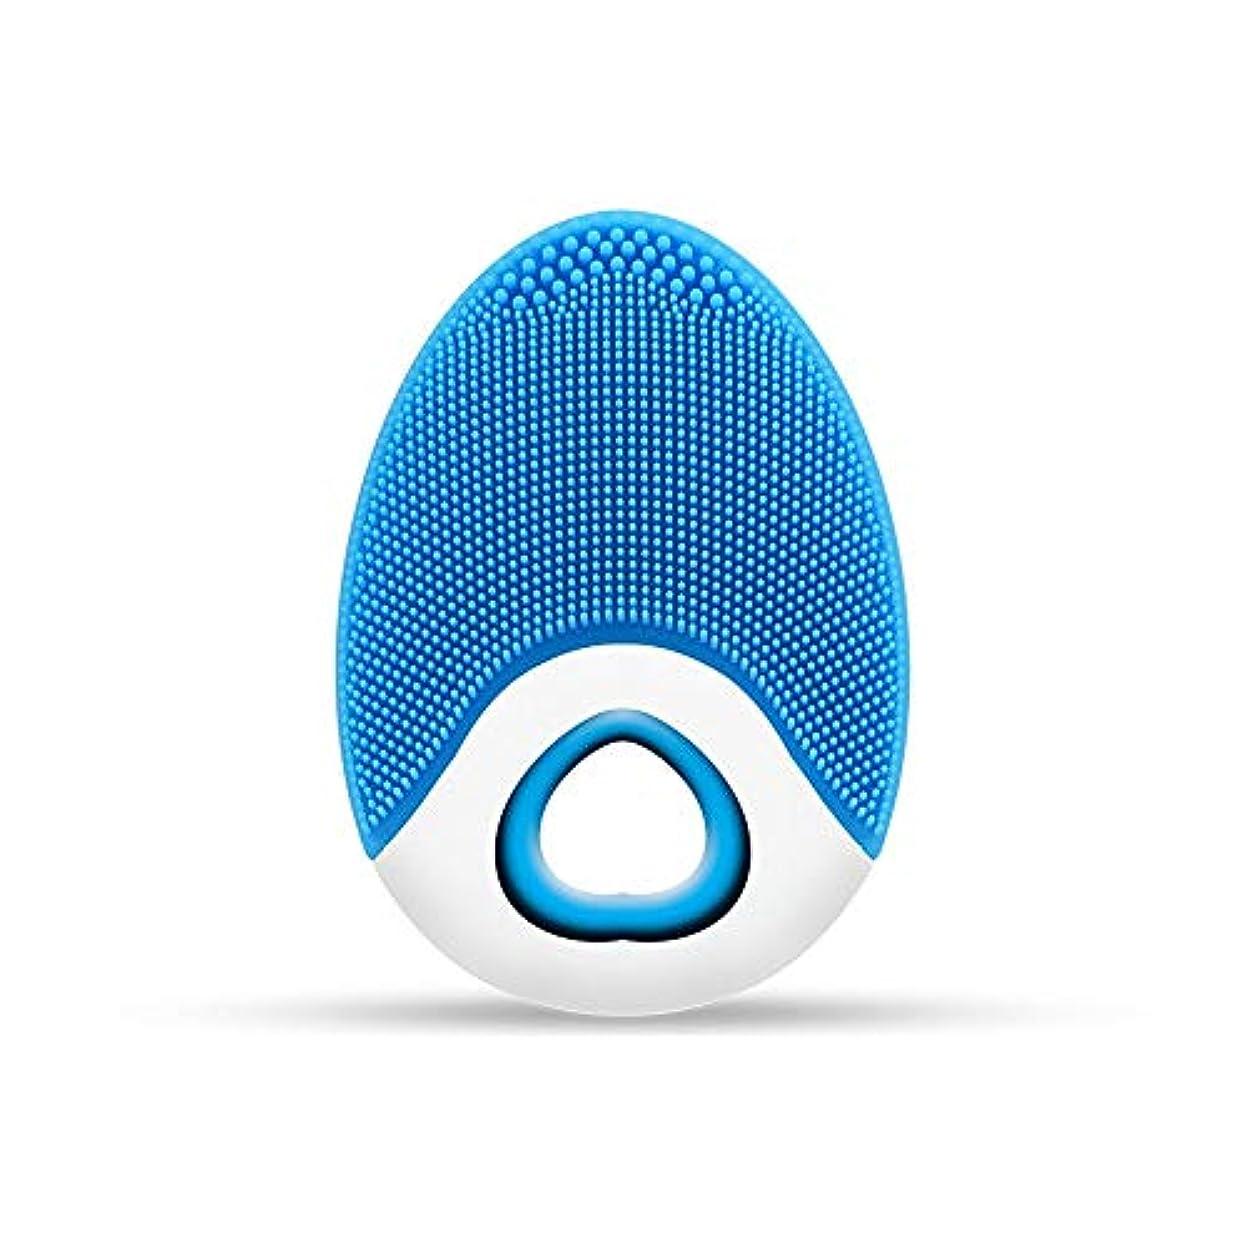 ニュース撃退する下品ZXF ワイヤレス充電電気シリコーンクレンジングブラシ高周波振動防水マルチレベル調整クレンジング楽器美容器具 滑らかである (色 : Blue)